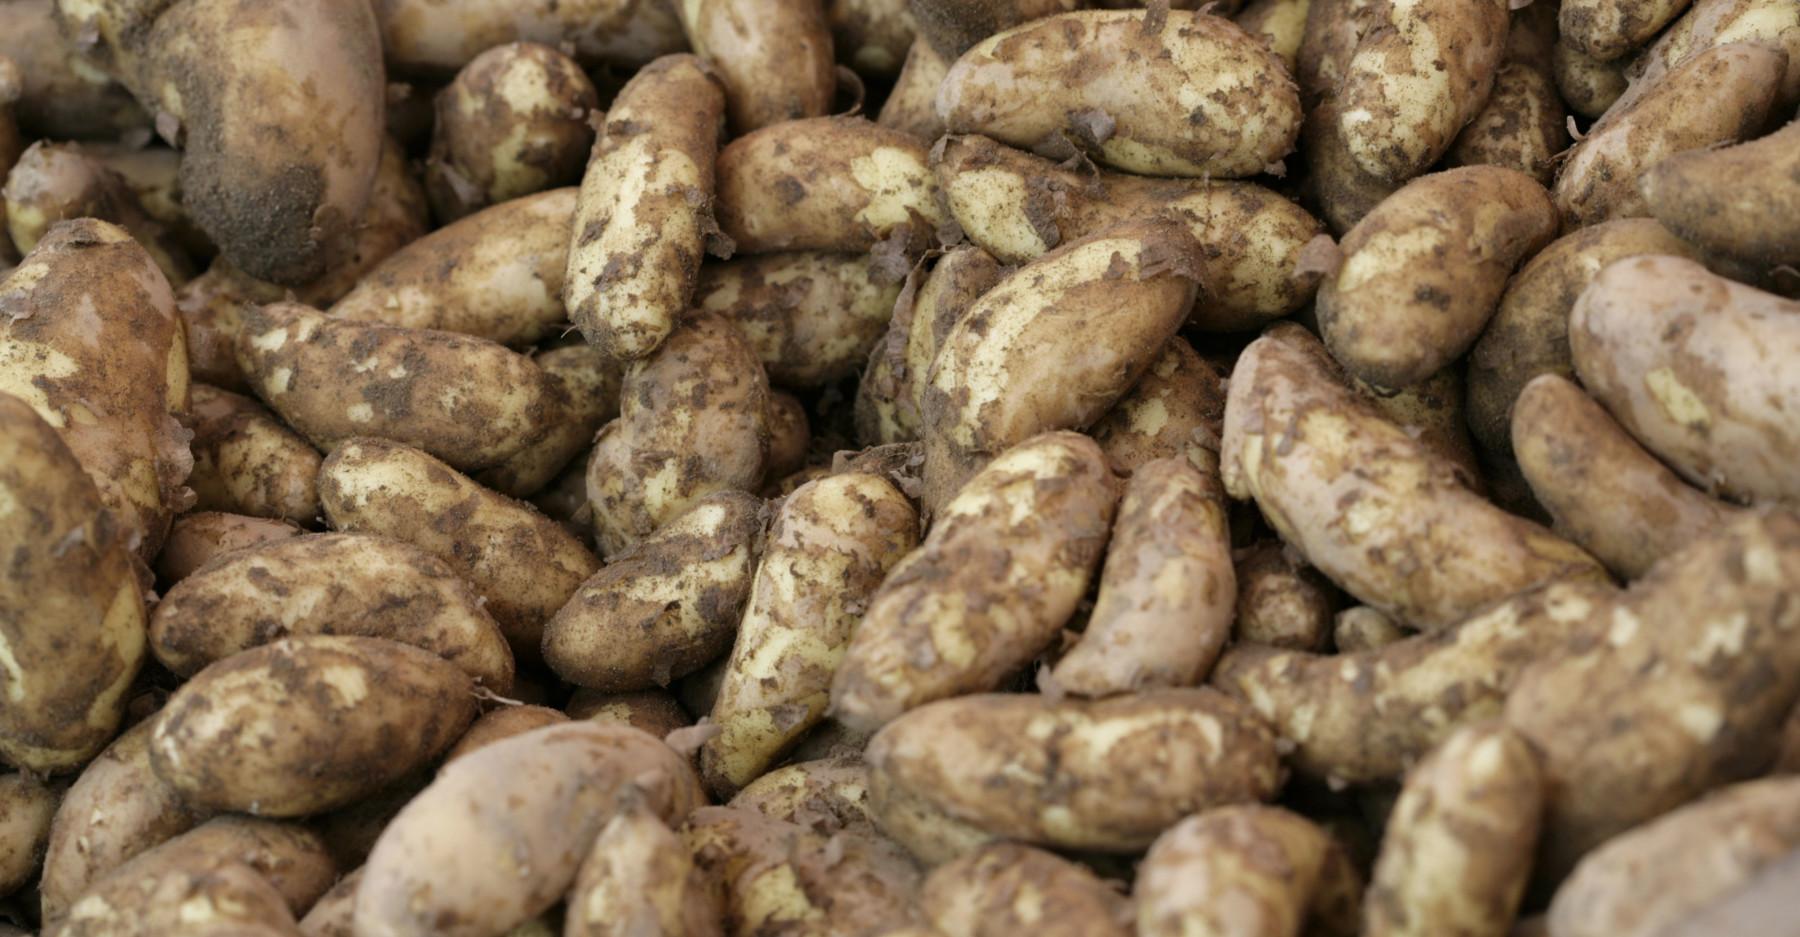 Ein Haufen roher Kartoffeln.